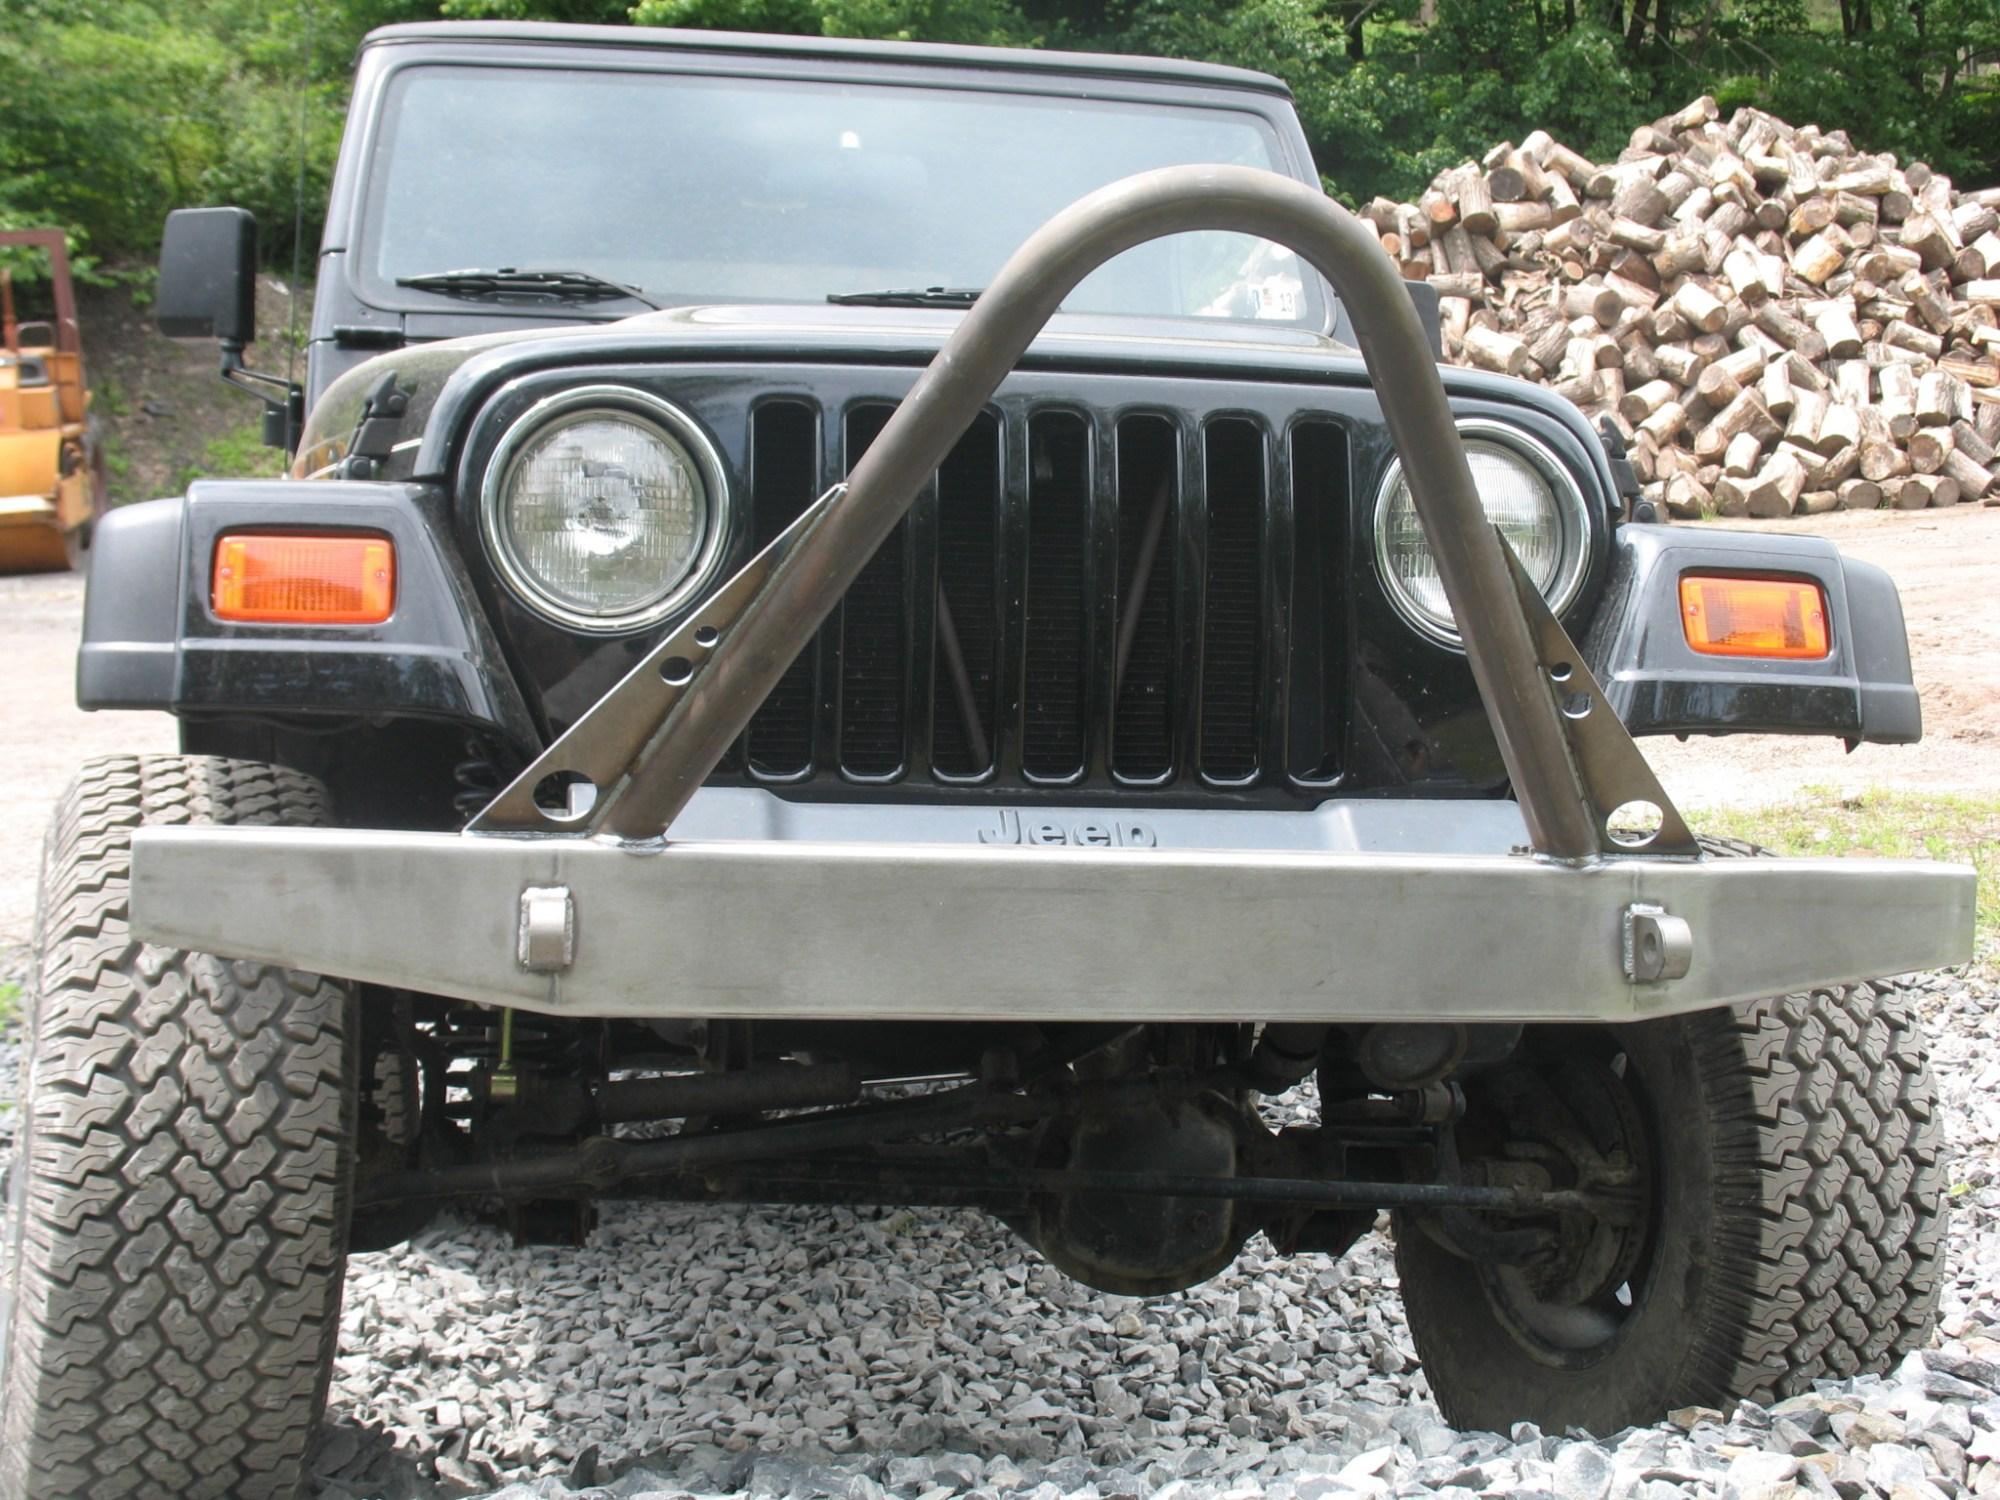 hight resolution of elite stinger front bumper jeep cj yj tj lj 54 06 affordable offroad